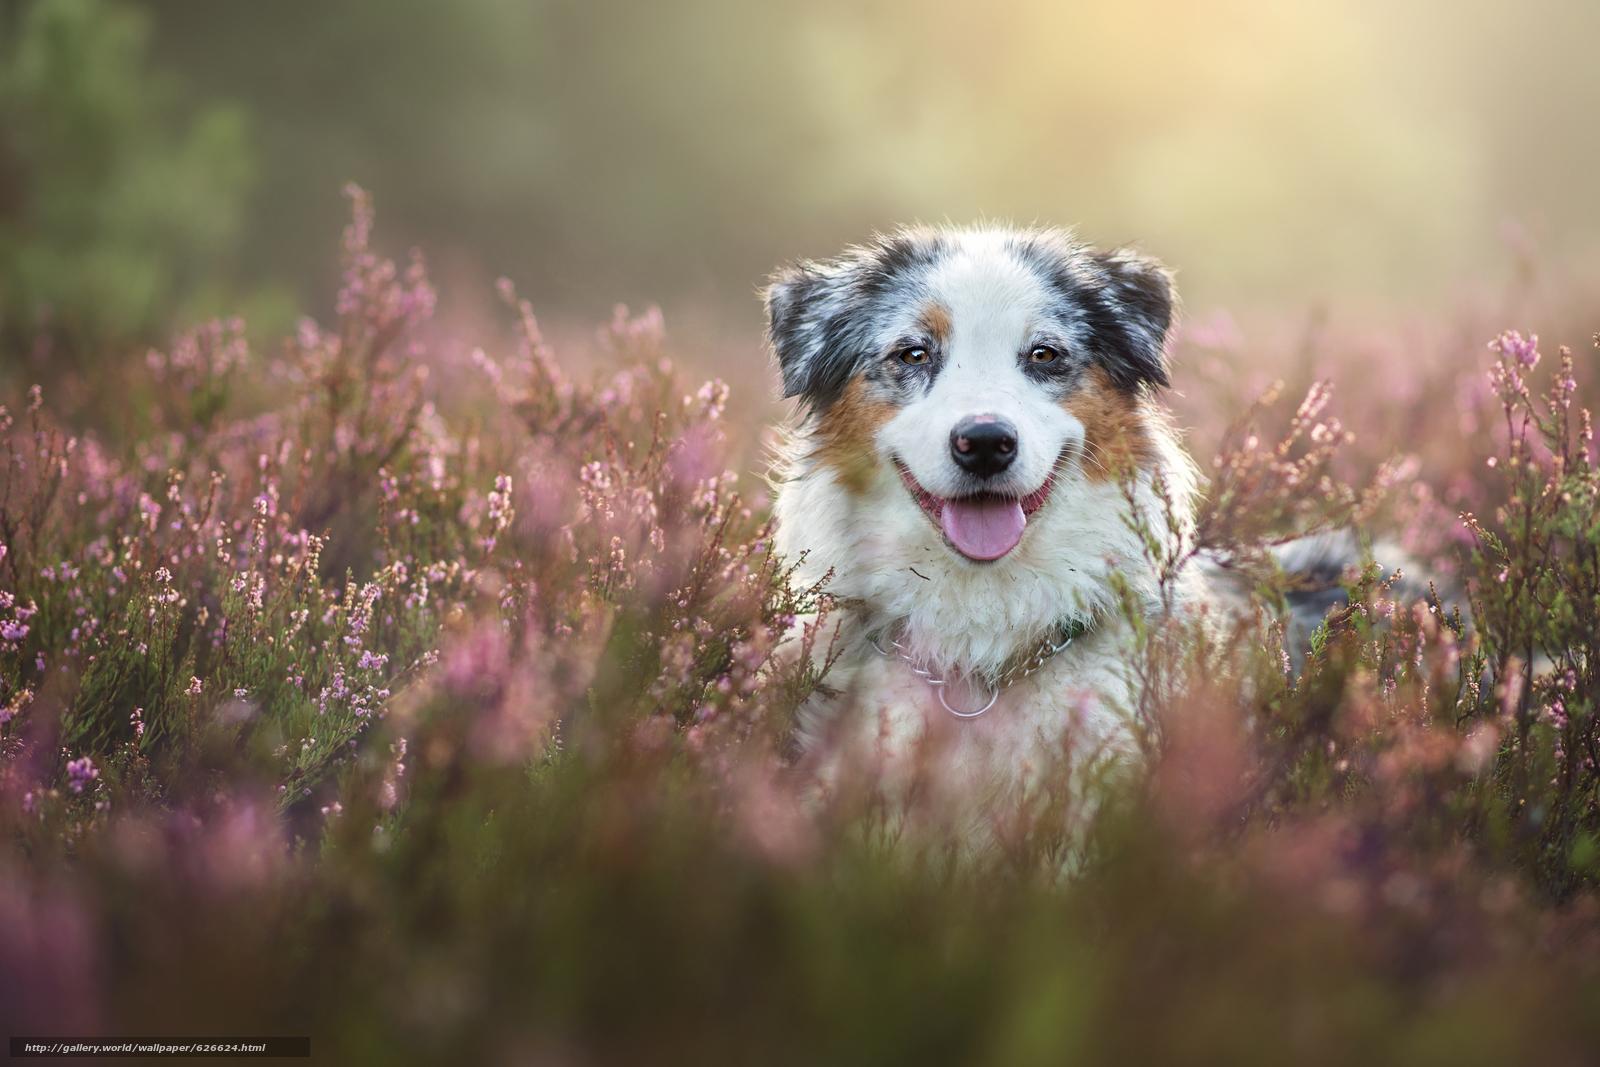 Tlcharger fond d 39 ecran berger australien australiens for Fond ecran animaux hd